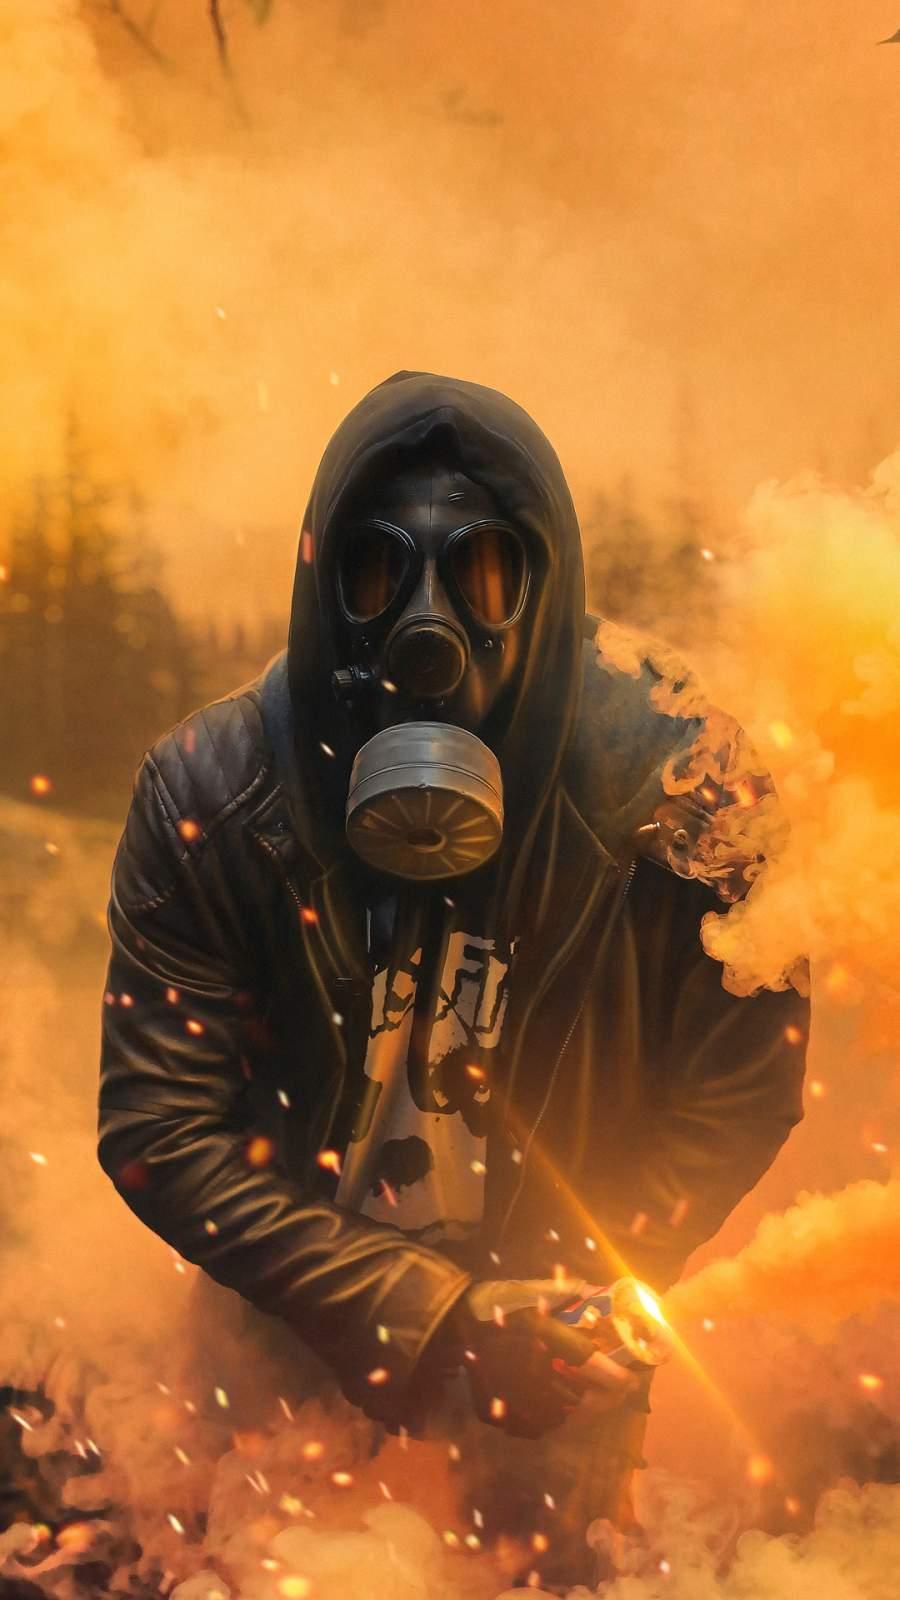 Gas Mask Hoodie Guy iPhone Wallpaper